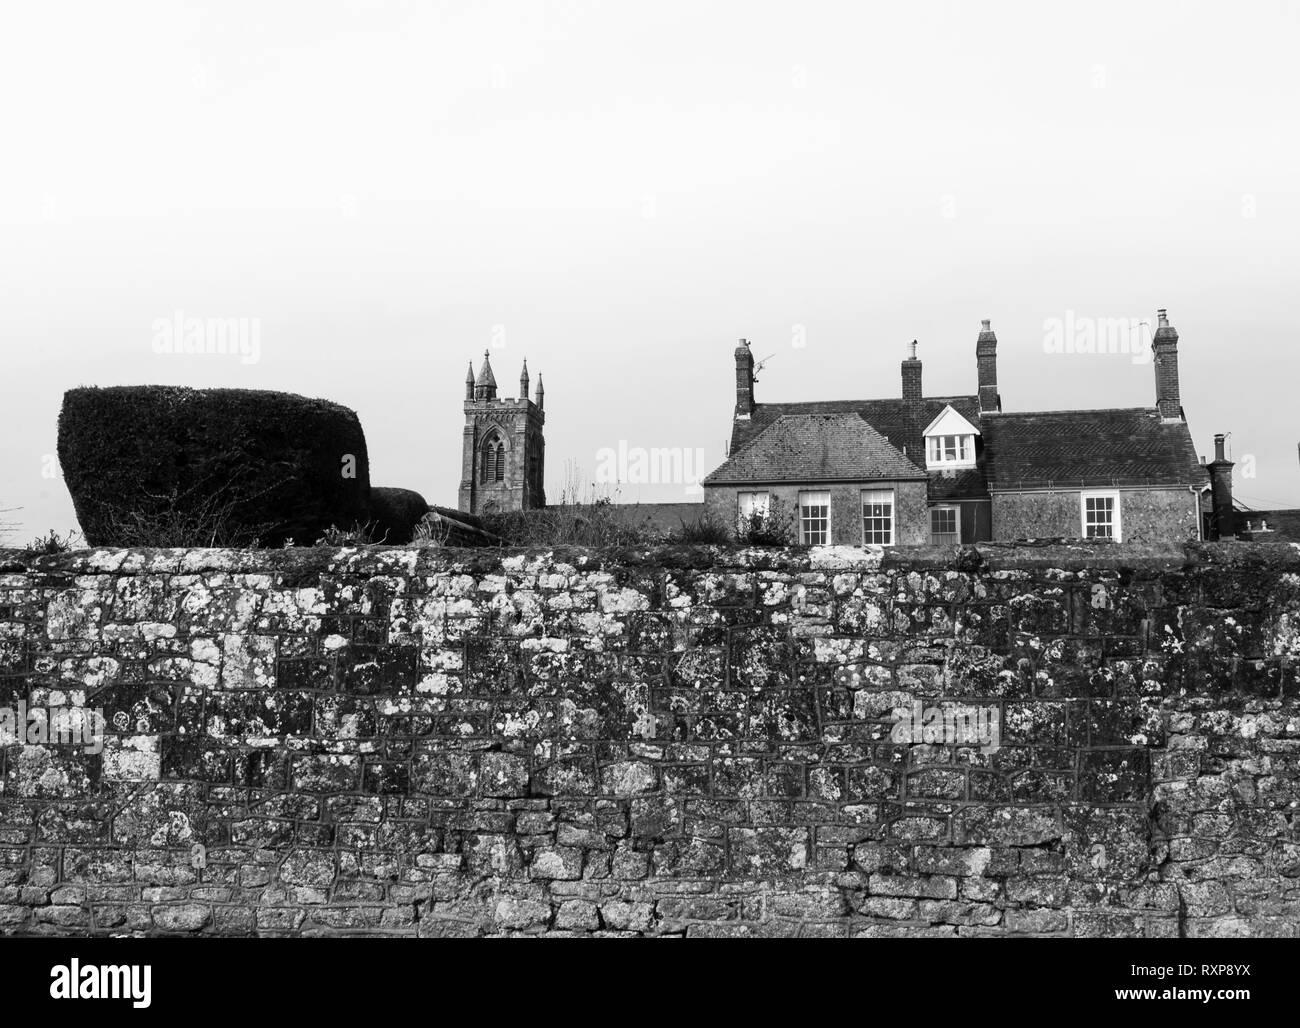 Park Walk, Shaftesbury abbey, Shaftesbury, Dorset, UK - Stock Image